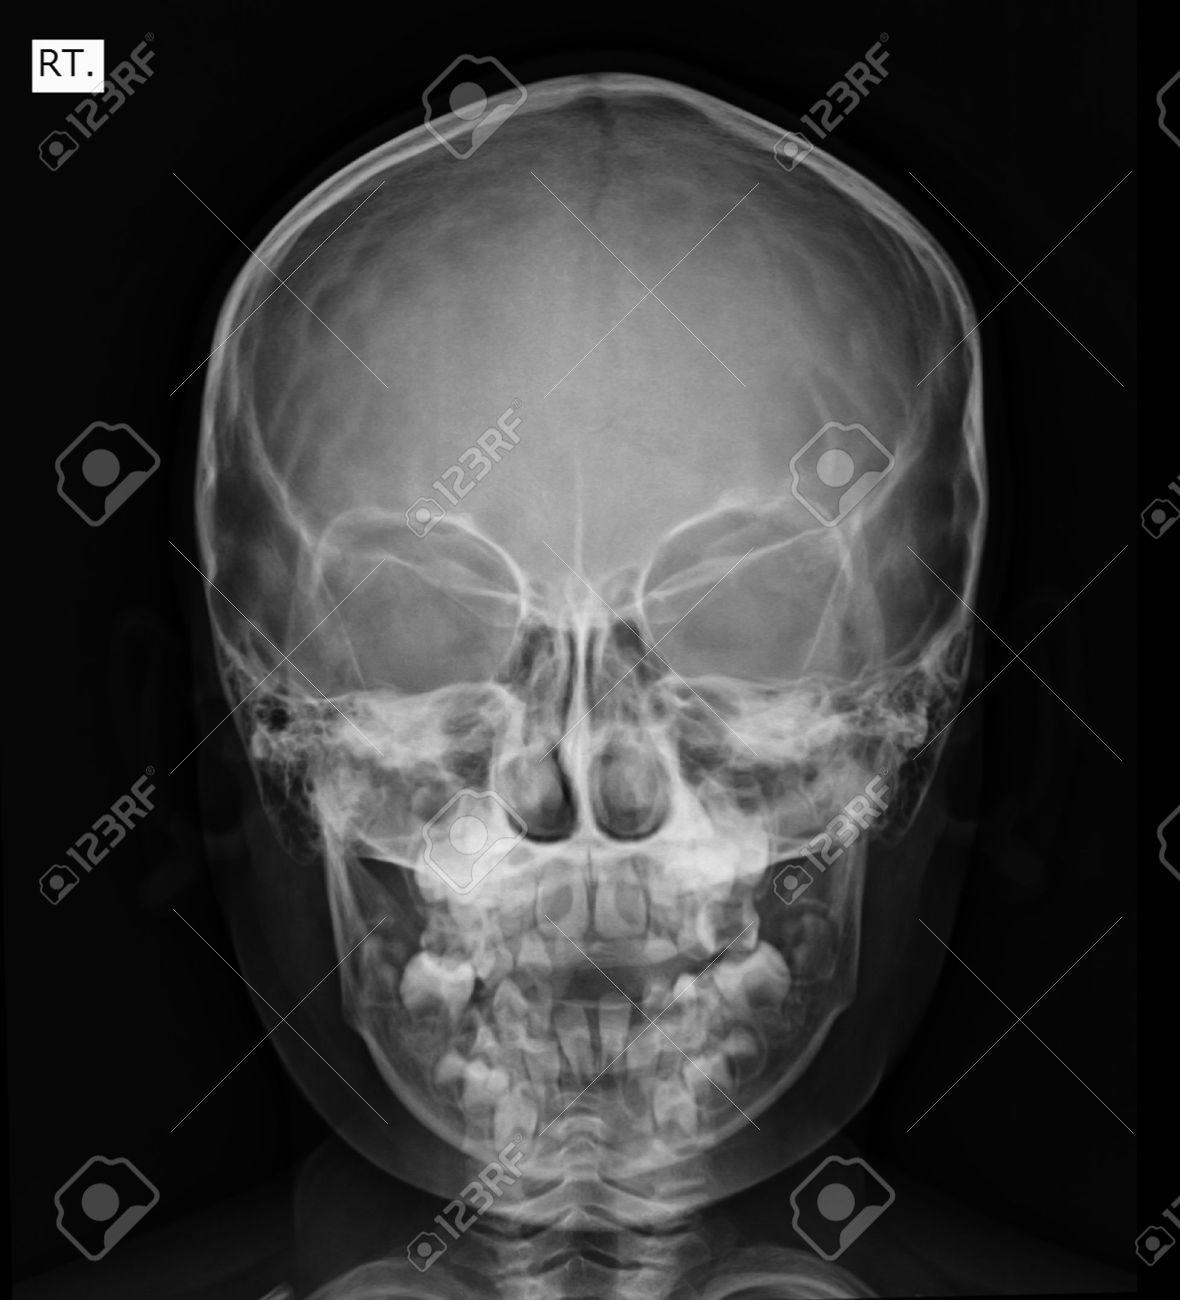 Cráneo, La Cara Frontal Imagen De Rayos X Fotos, Retratos, Imágenes ...